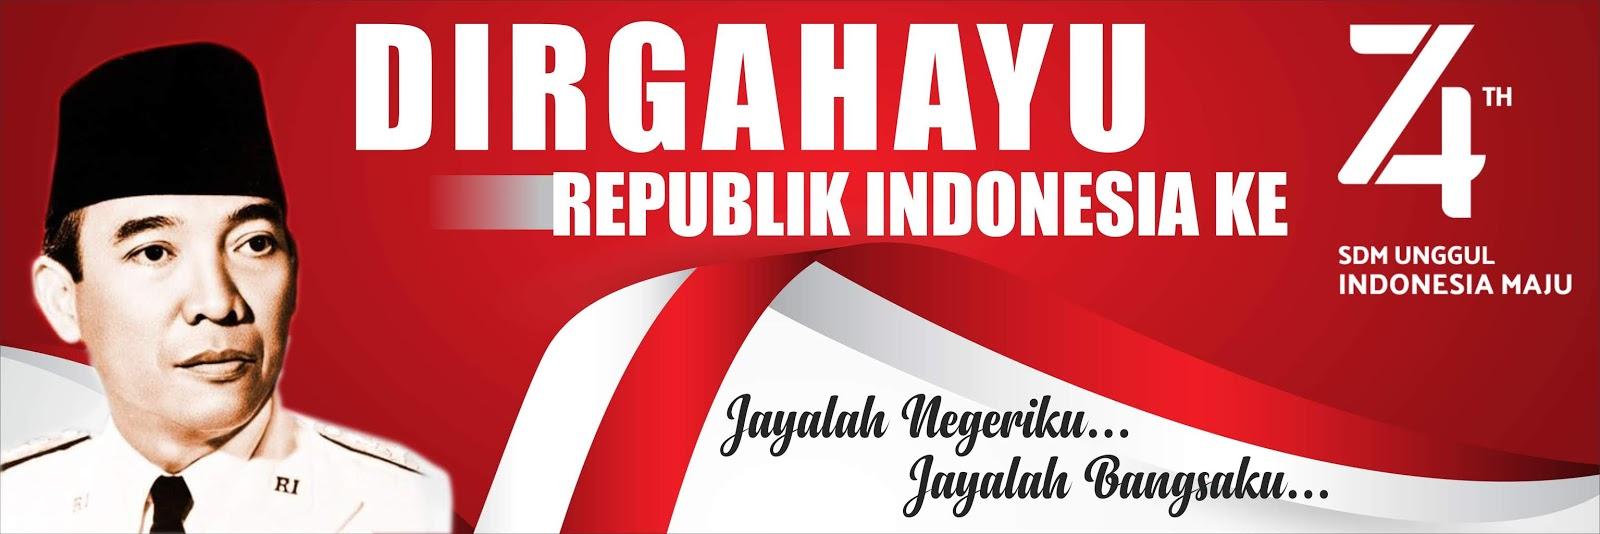 Contoh Desain Banner Dan Logo Resmi Hut Ri Ke 74 Cdr Mas Rikhi Web